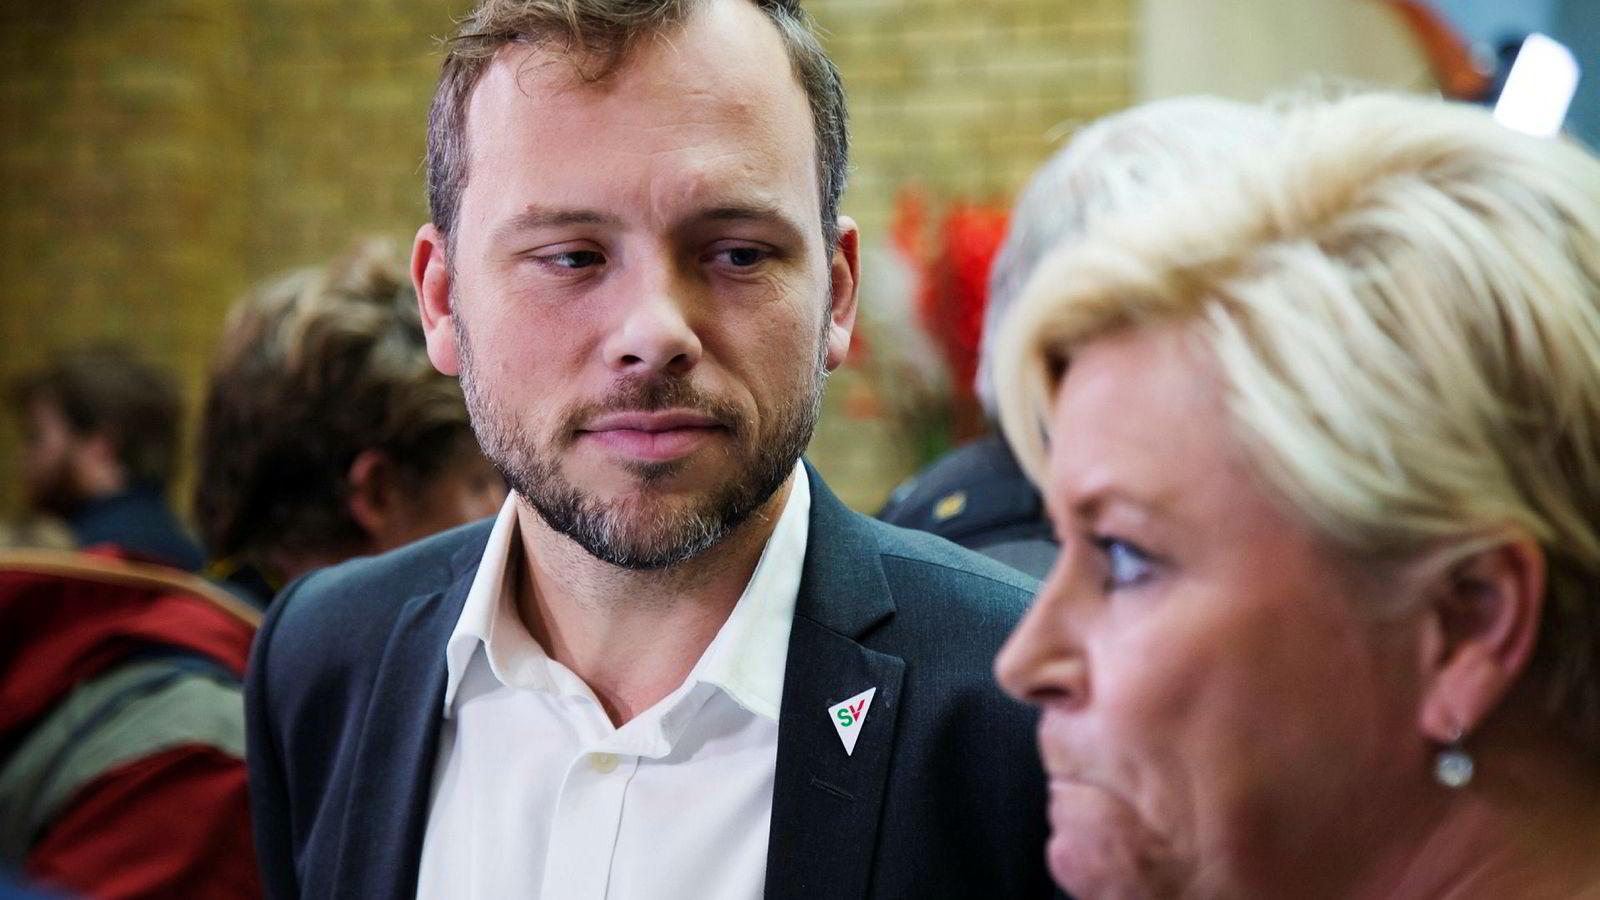 Audun Lysbakken (SV) er opptatt av at noen er blitt for rike. Siv Jensen (Frp) og regjeringspartiene vil heller snakke om å gi flere muligheter til utdannelse og arbeid slik at de kan få jobb og inntekt.